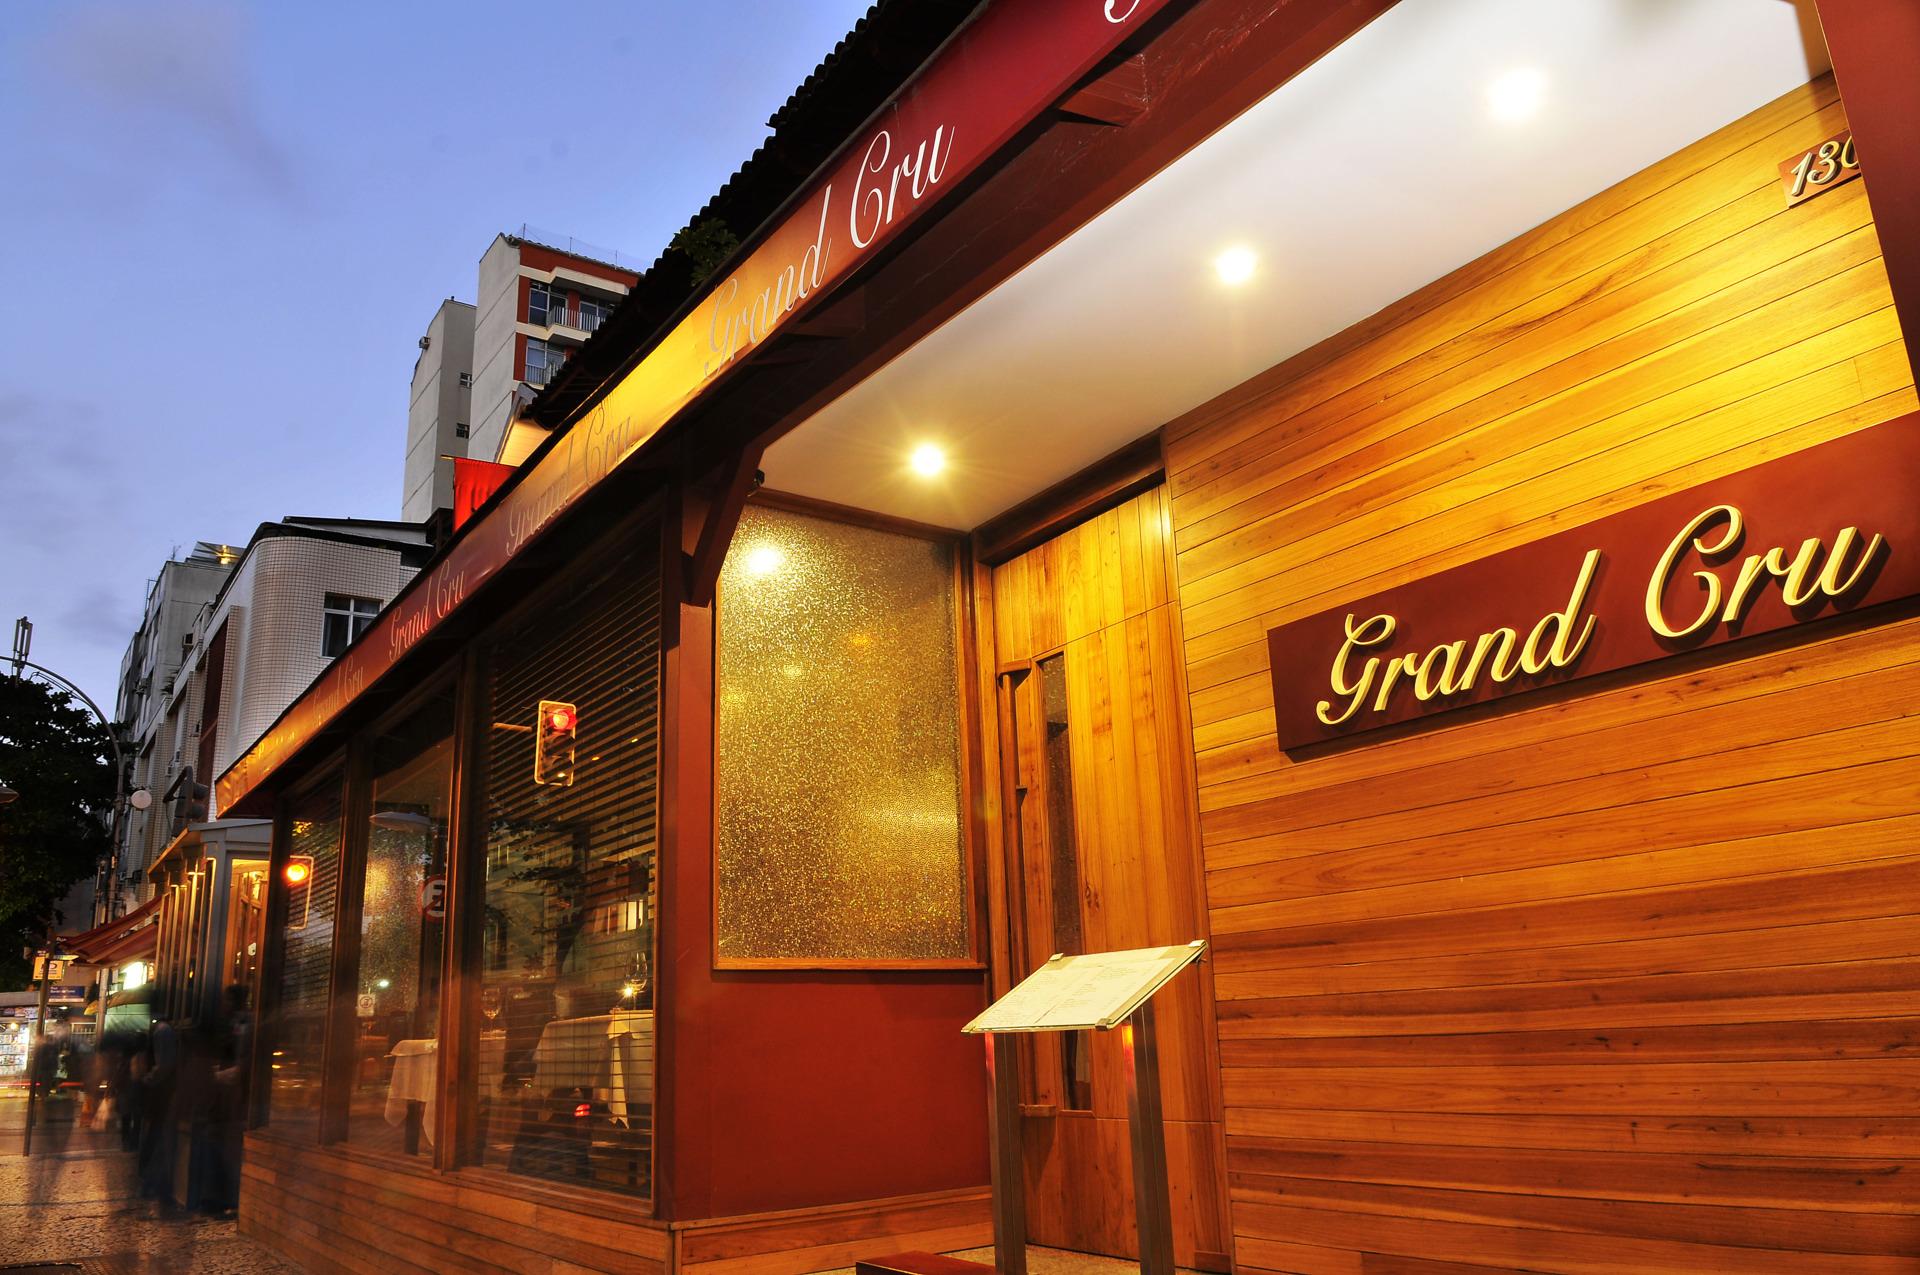 Grand Cru - Rio de Janeiro